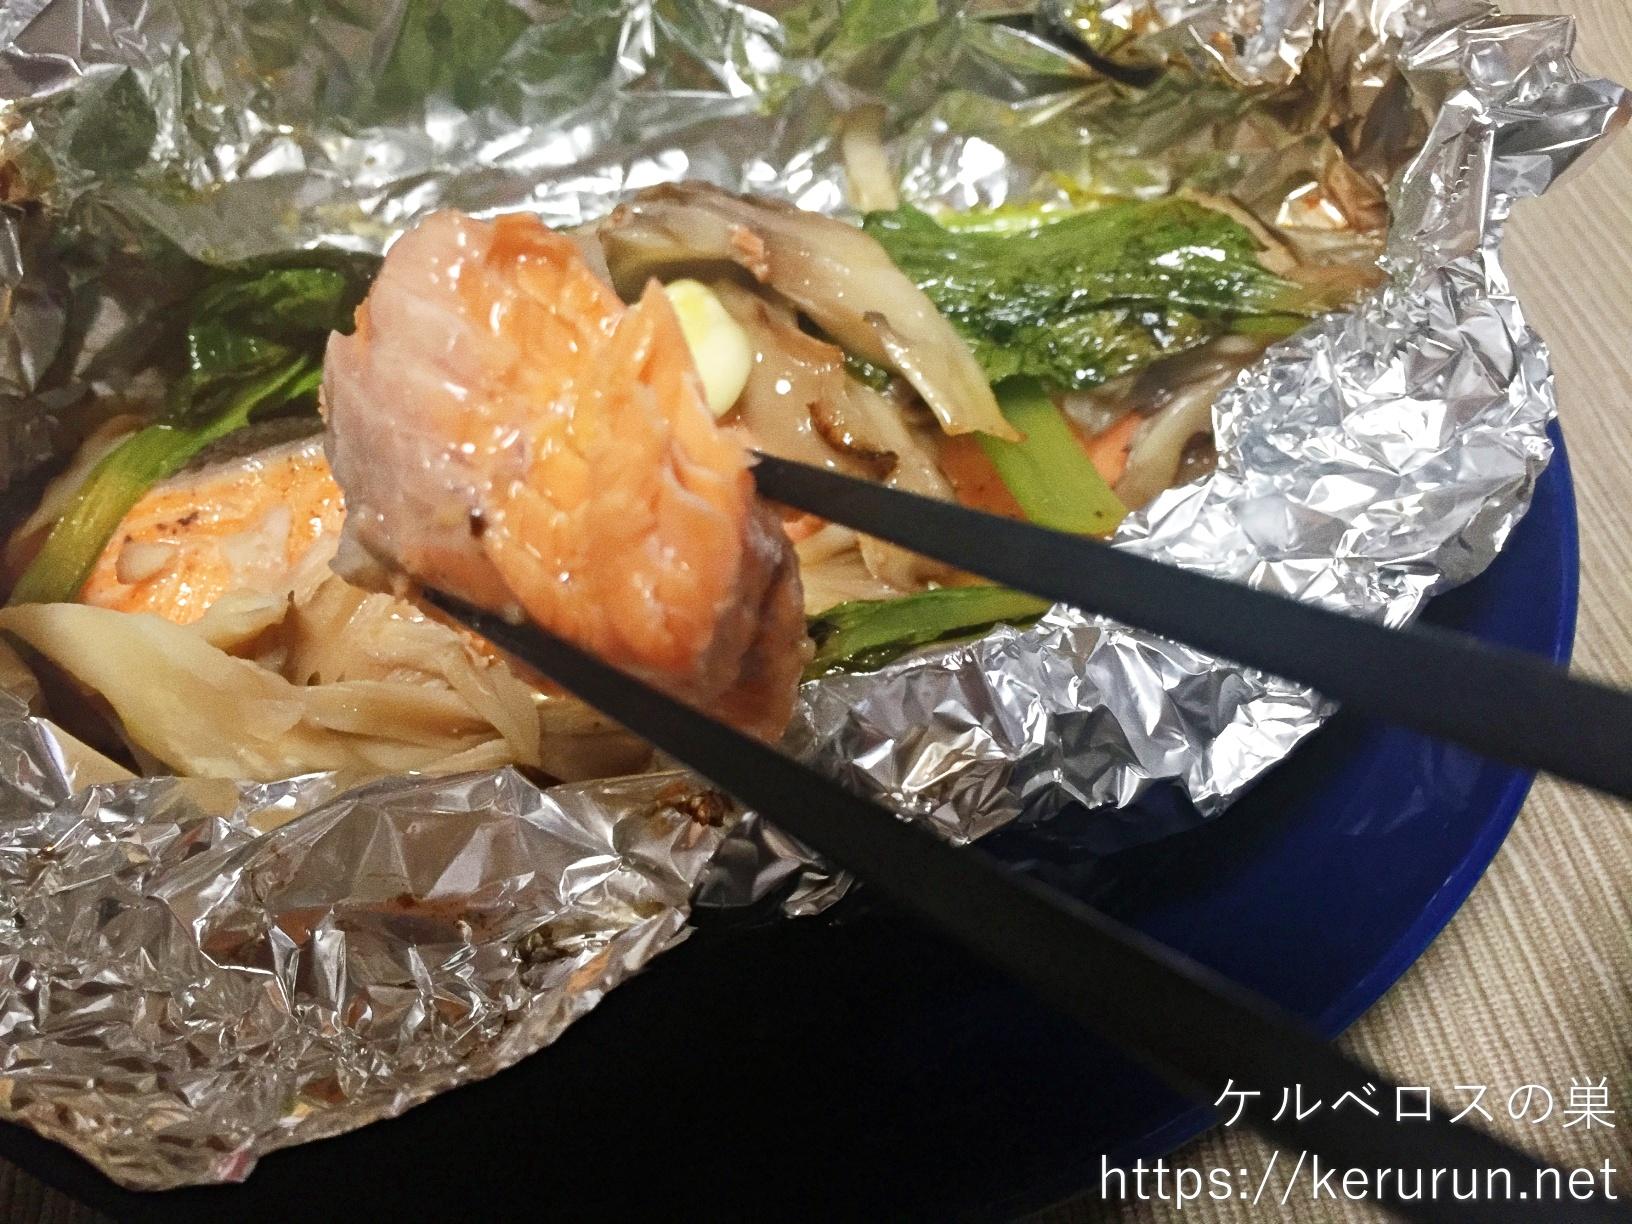 【一汁一菜】サーモンのホイル焼きで晩ごはん